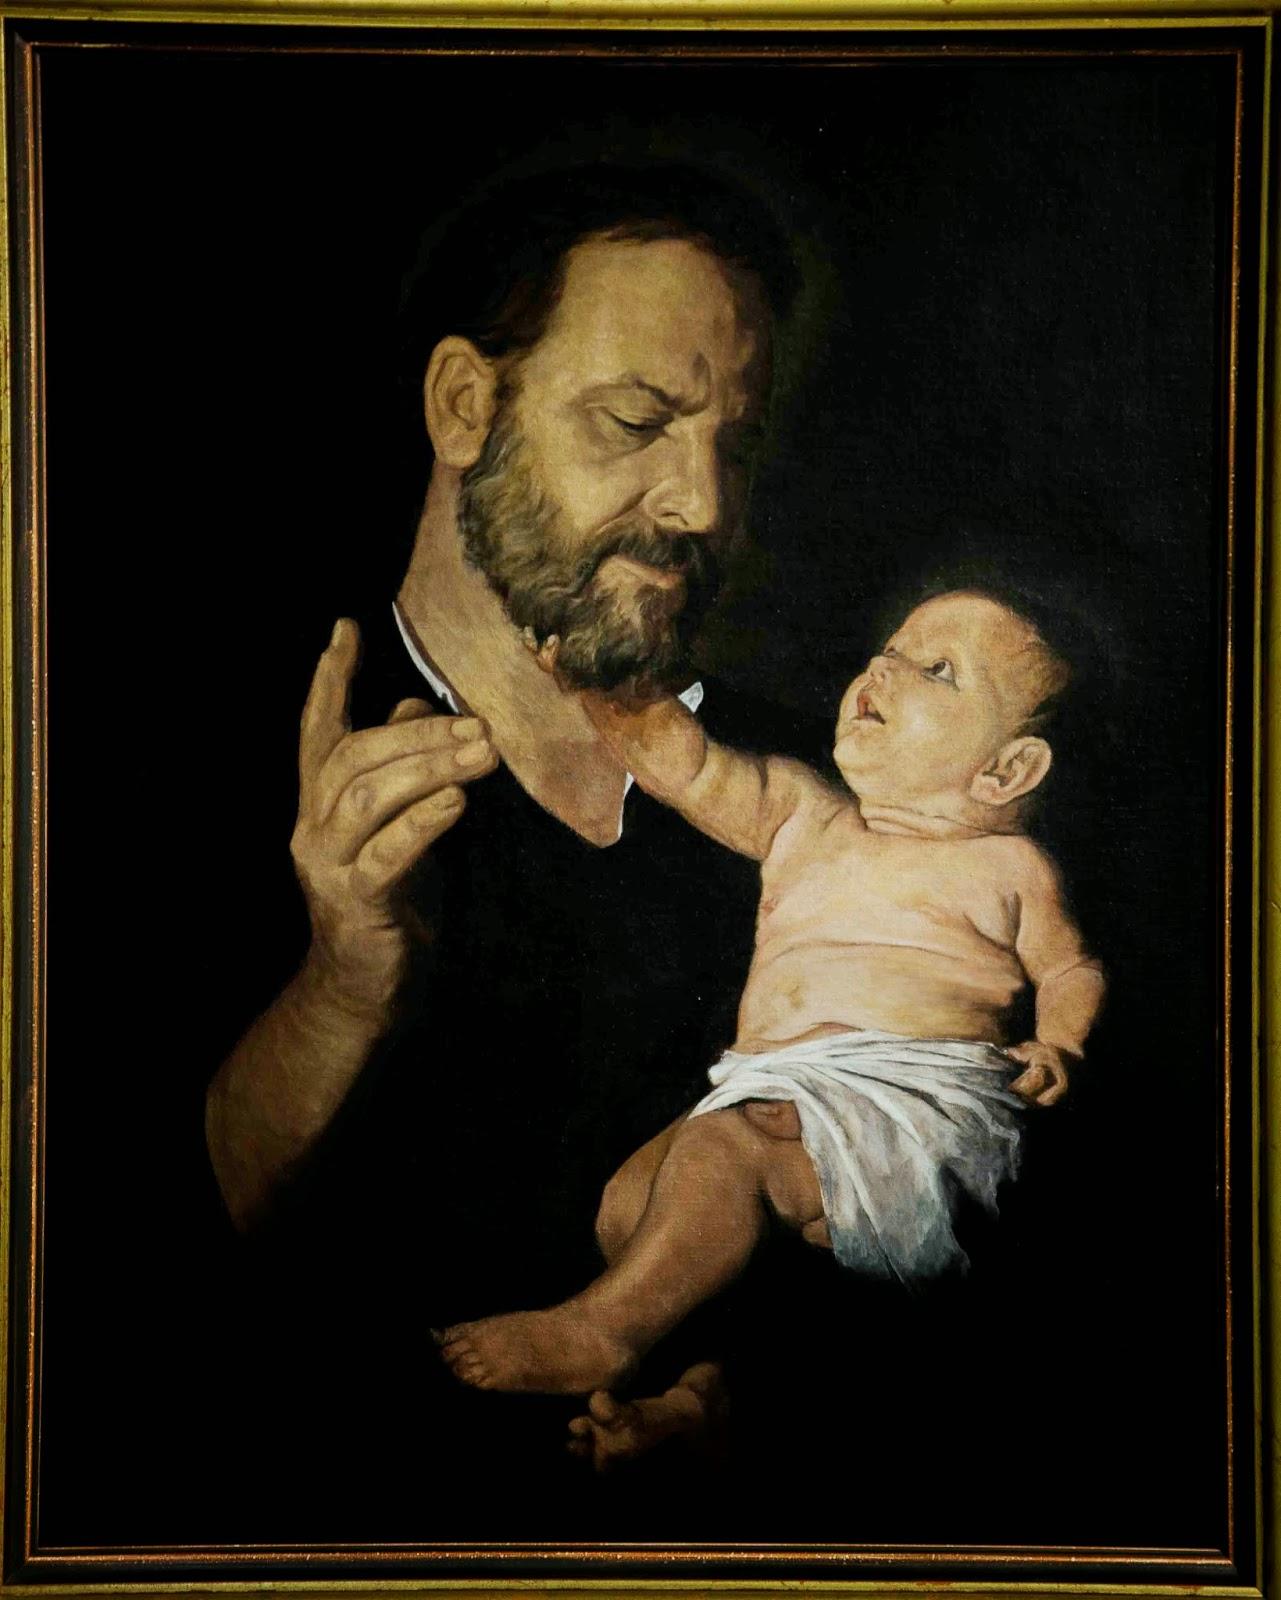 San José Arturo Serra pintura 1